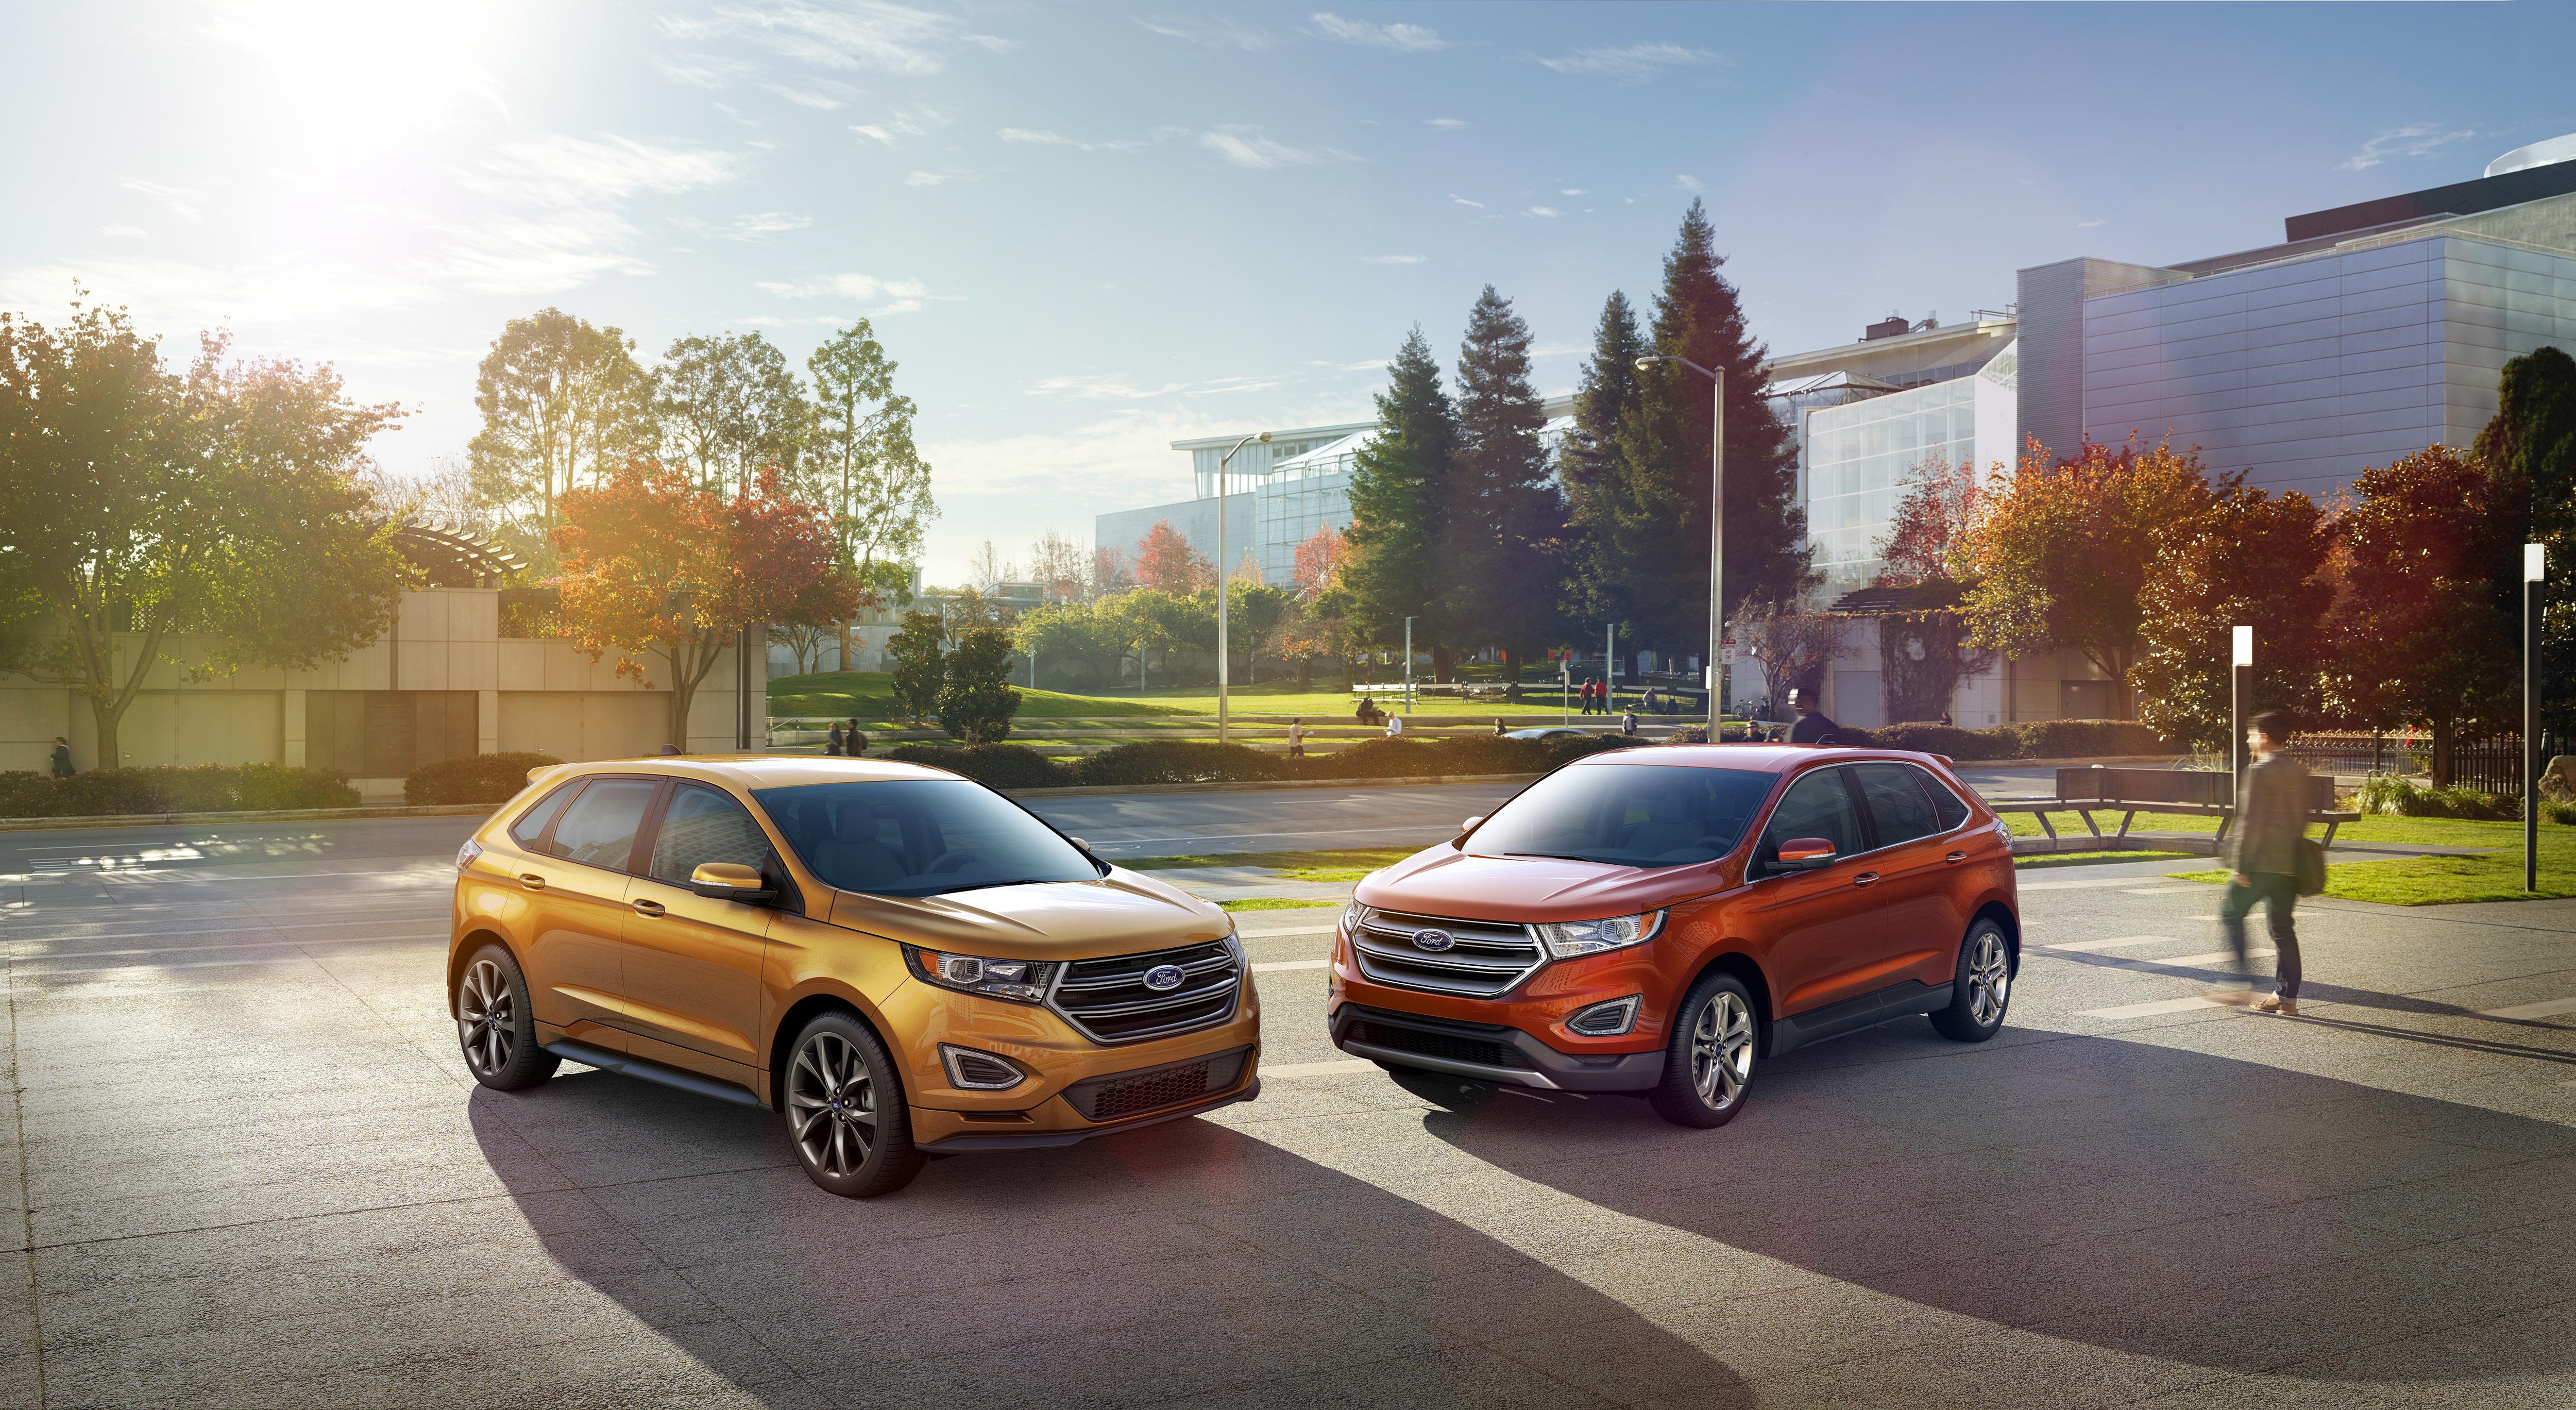 Ford Edge 2-го покоління – тепер в Україні! - офіційний представник Winner в Україні